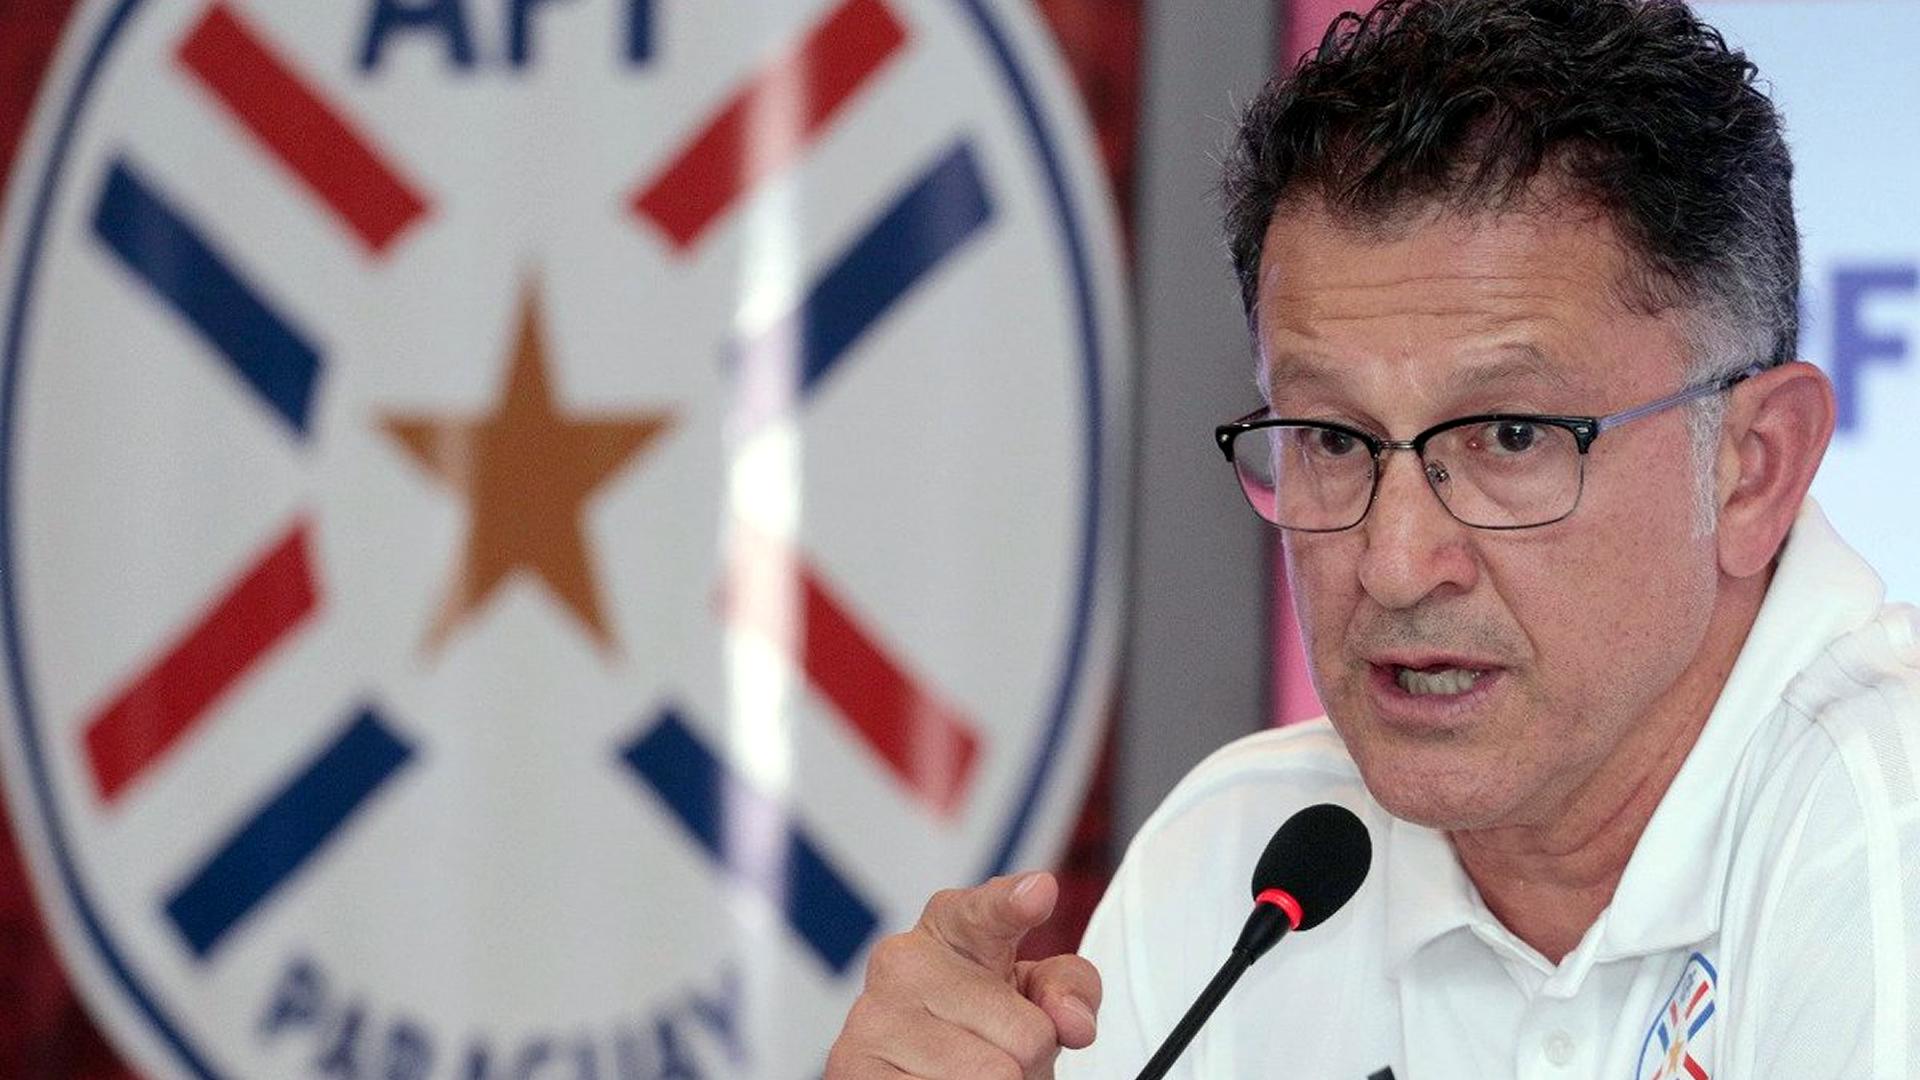 Juan Carlos Osorio Seleccion Paraguay 2018